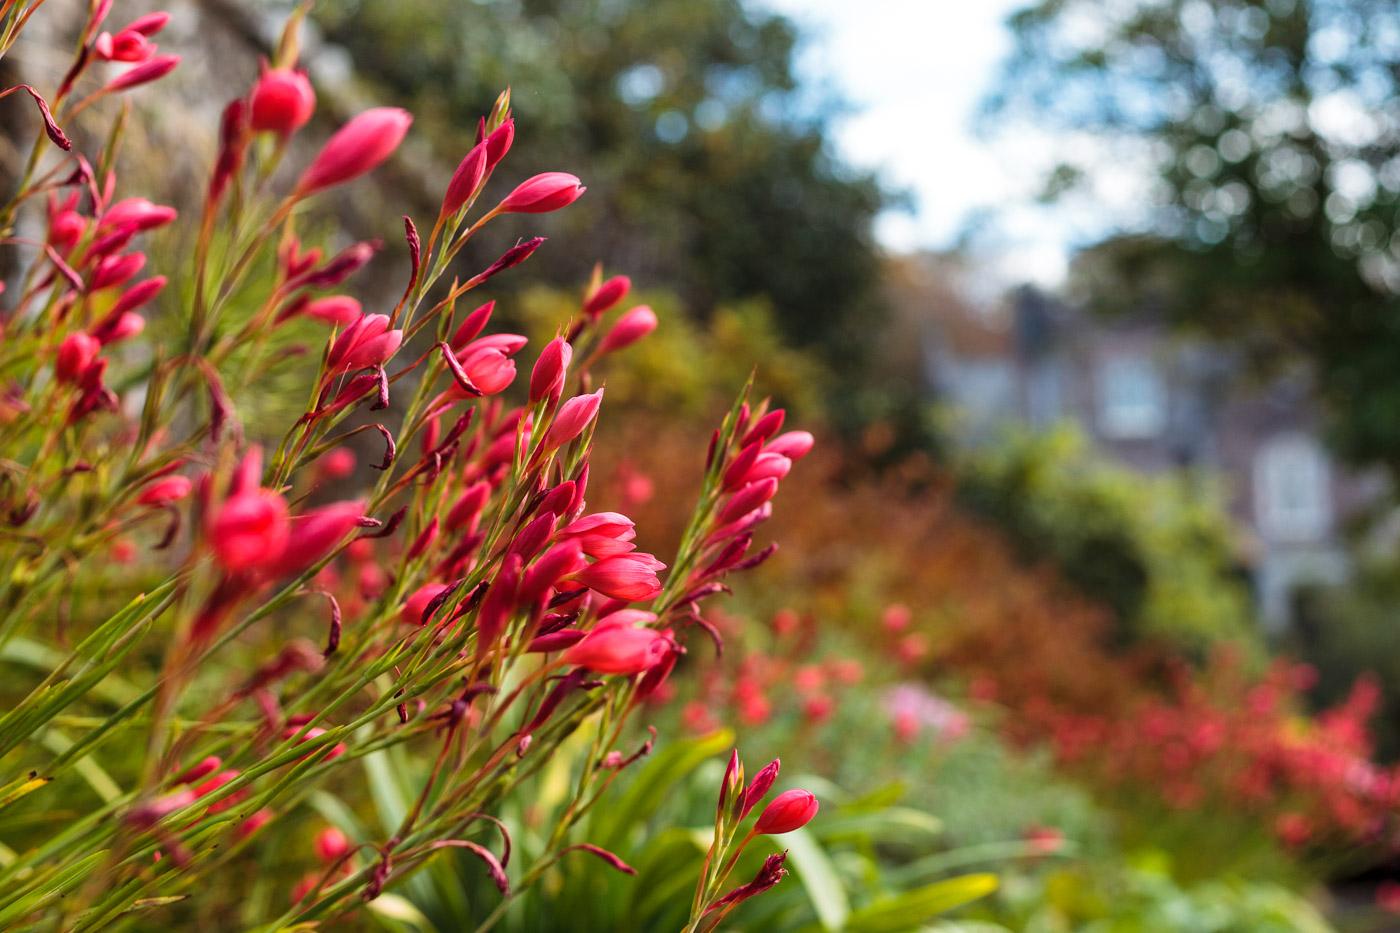 lukesland-gardens-autumn-dan-17.jpg